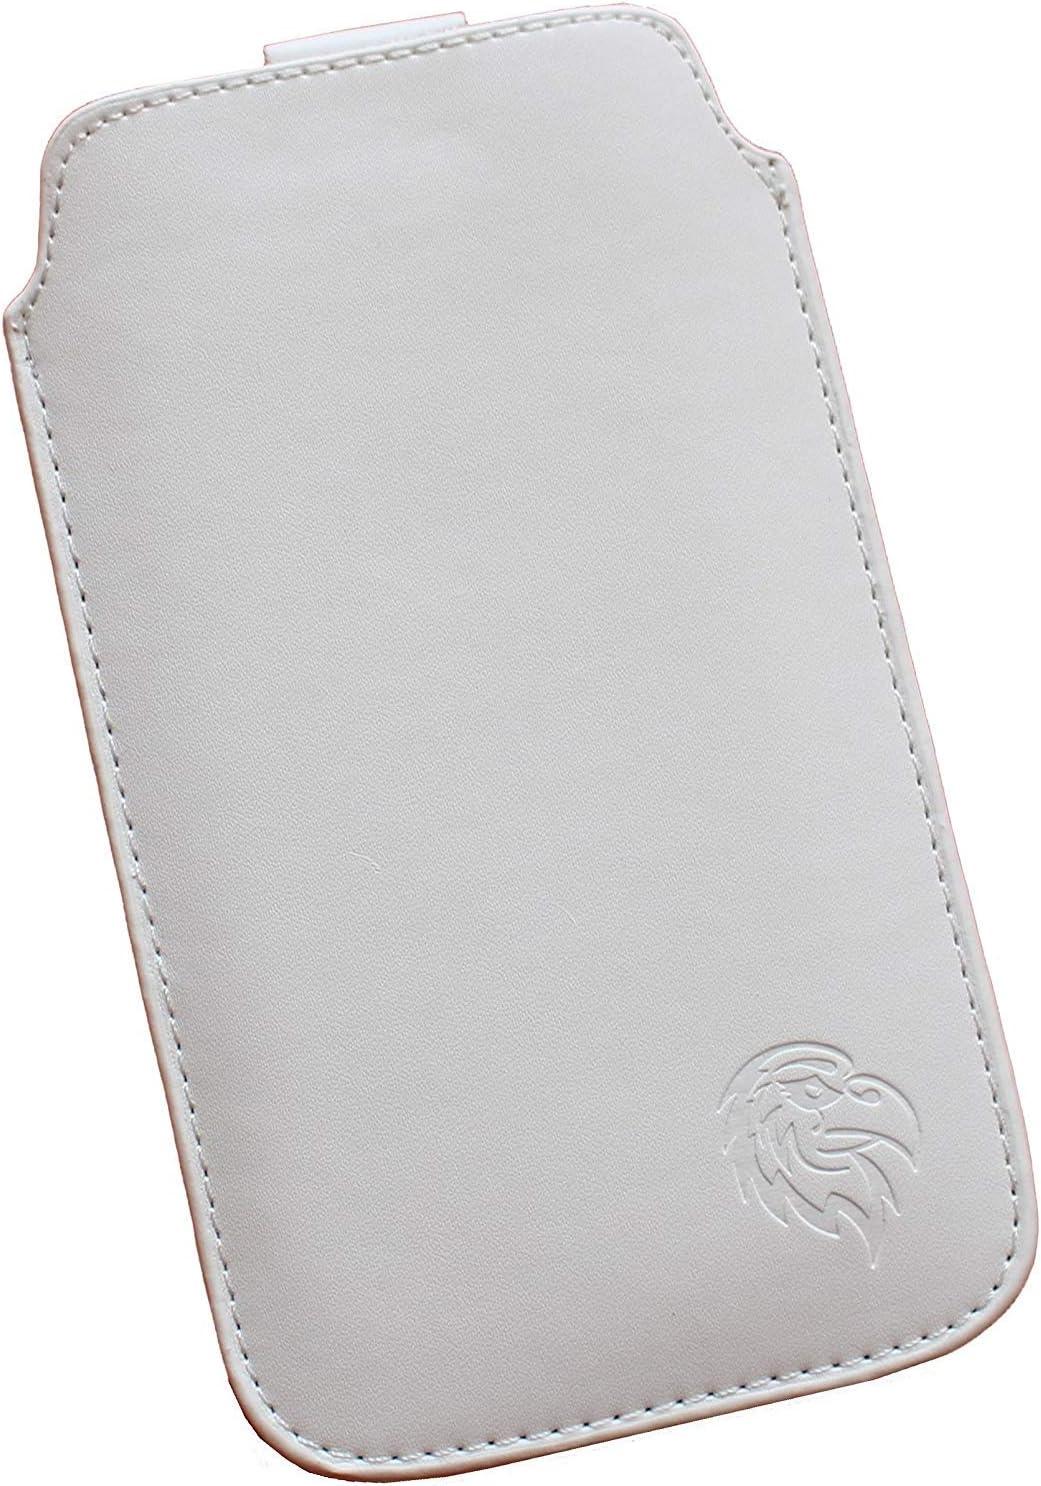 Motif Aigle Cousu /étui Fin avec Languette dextraction Dealbude24 /Étui de Protection pour Apple iPhone et iPod Tab-/étui t/él/éphone Portable extractibles diff/érentes Couleurs